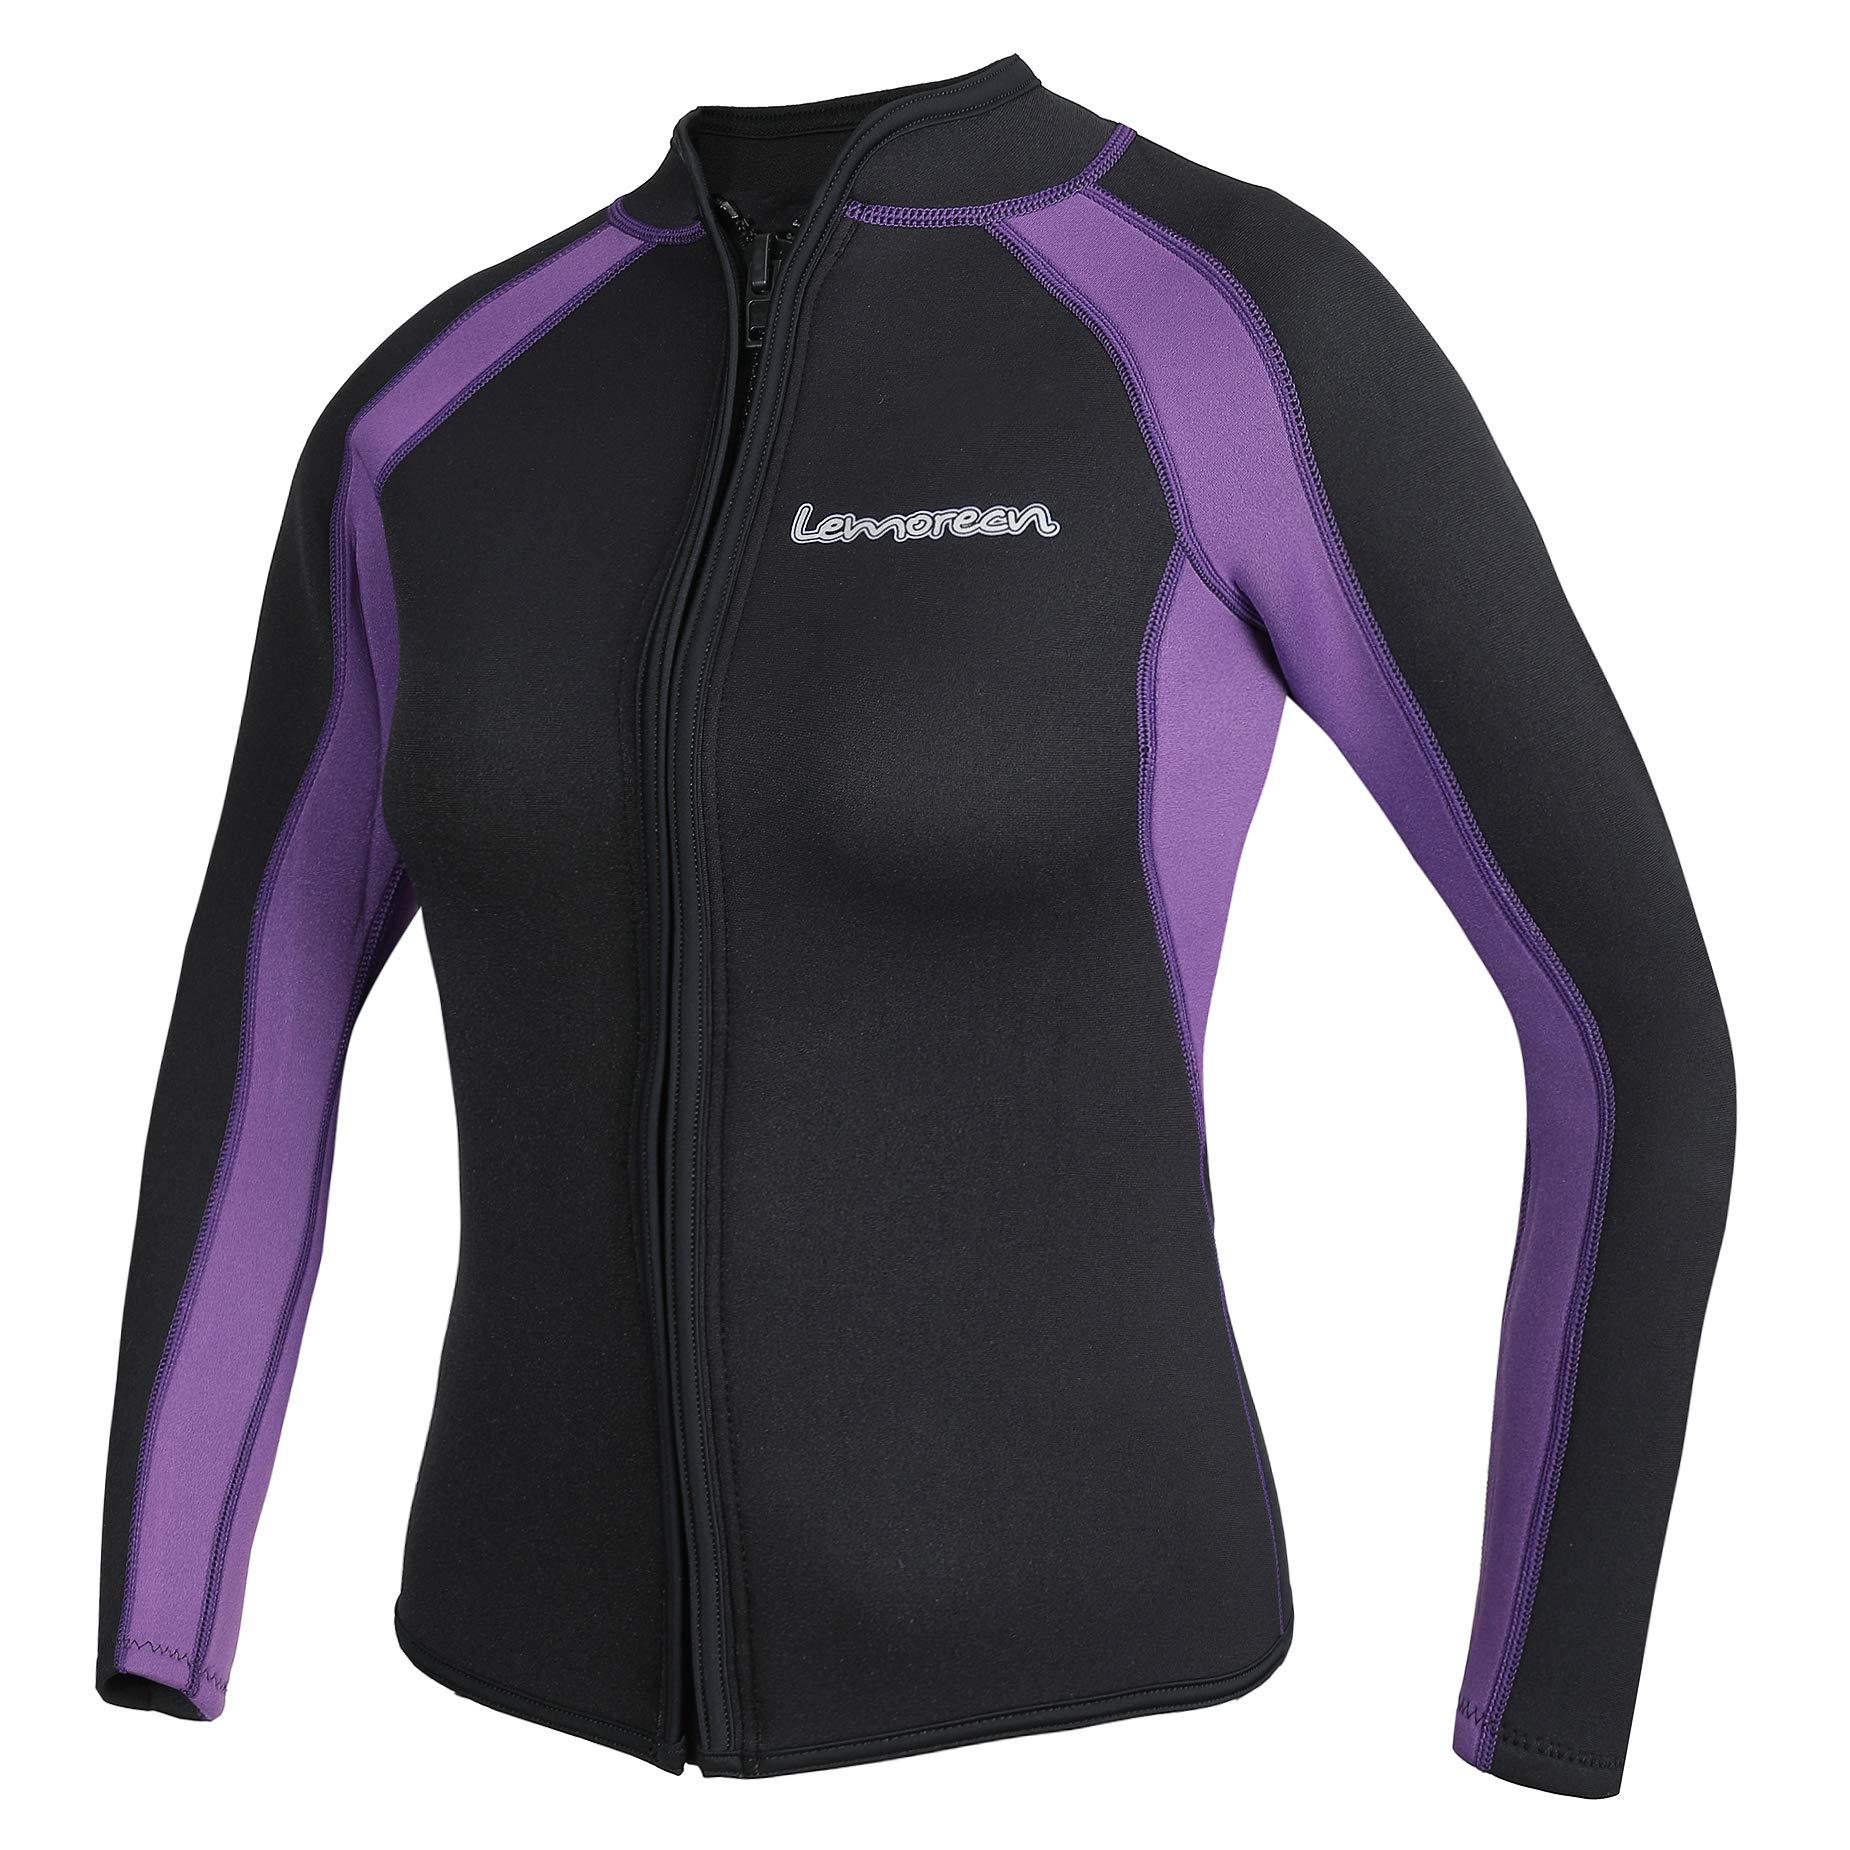 Lemorecn Women's 3mm Wetsuits Jacket Long Sleeve Neoprene Wetsuits Top(2041blackpurple8) by Lemorecn